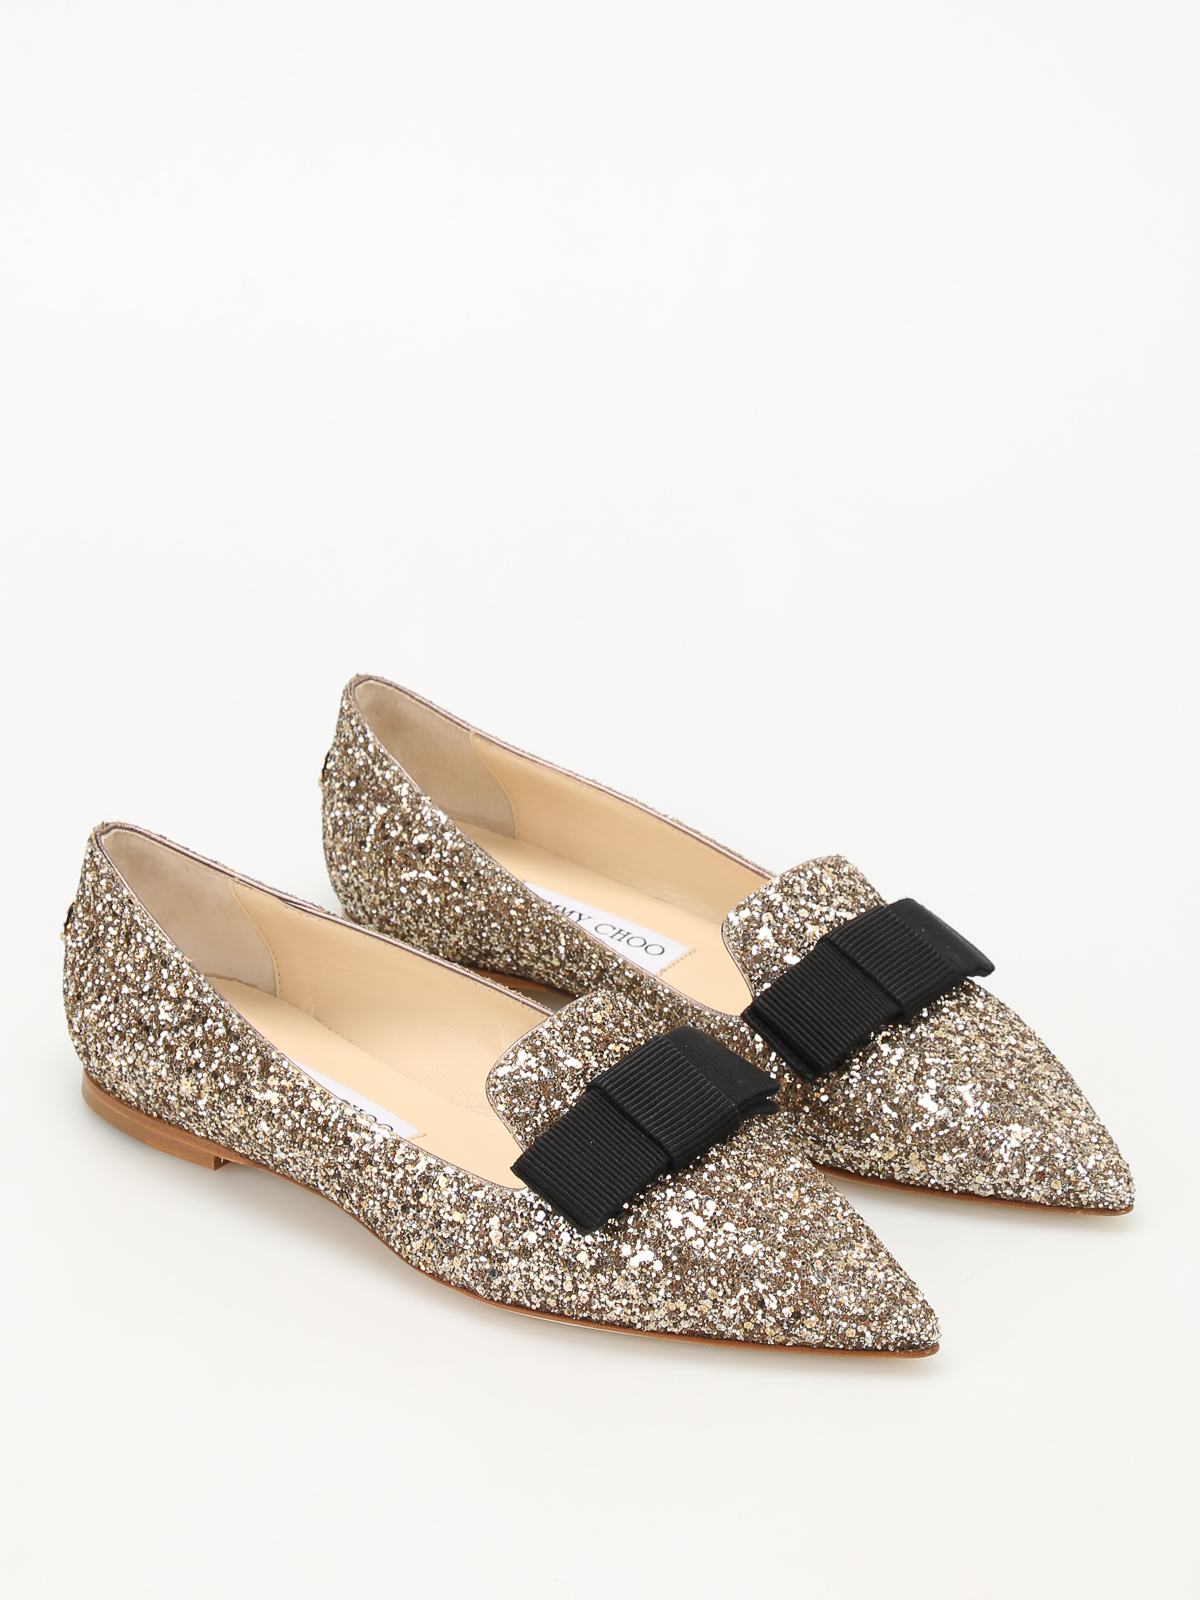 Jimmy Choo - Gala glittered flat shoes